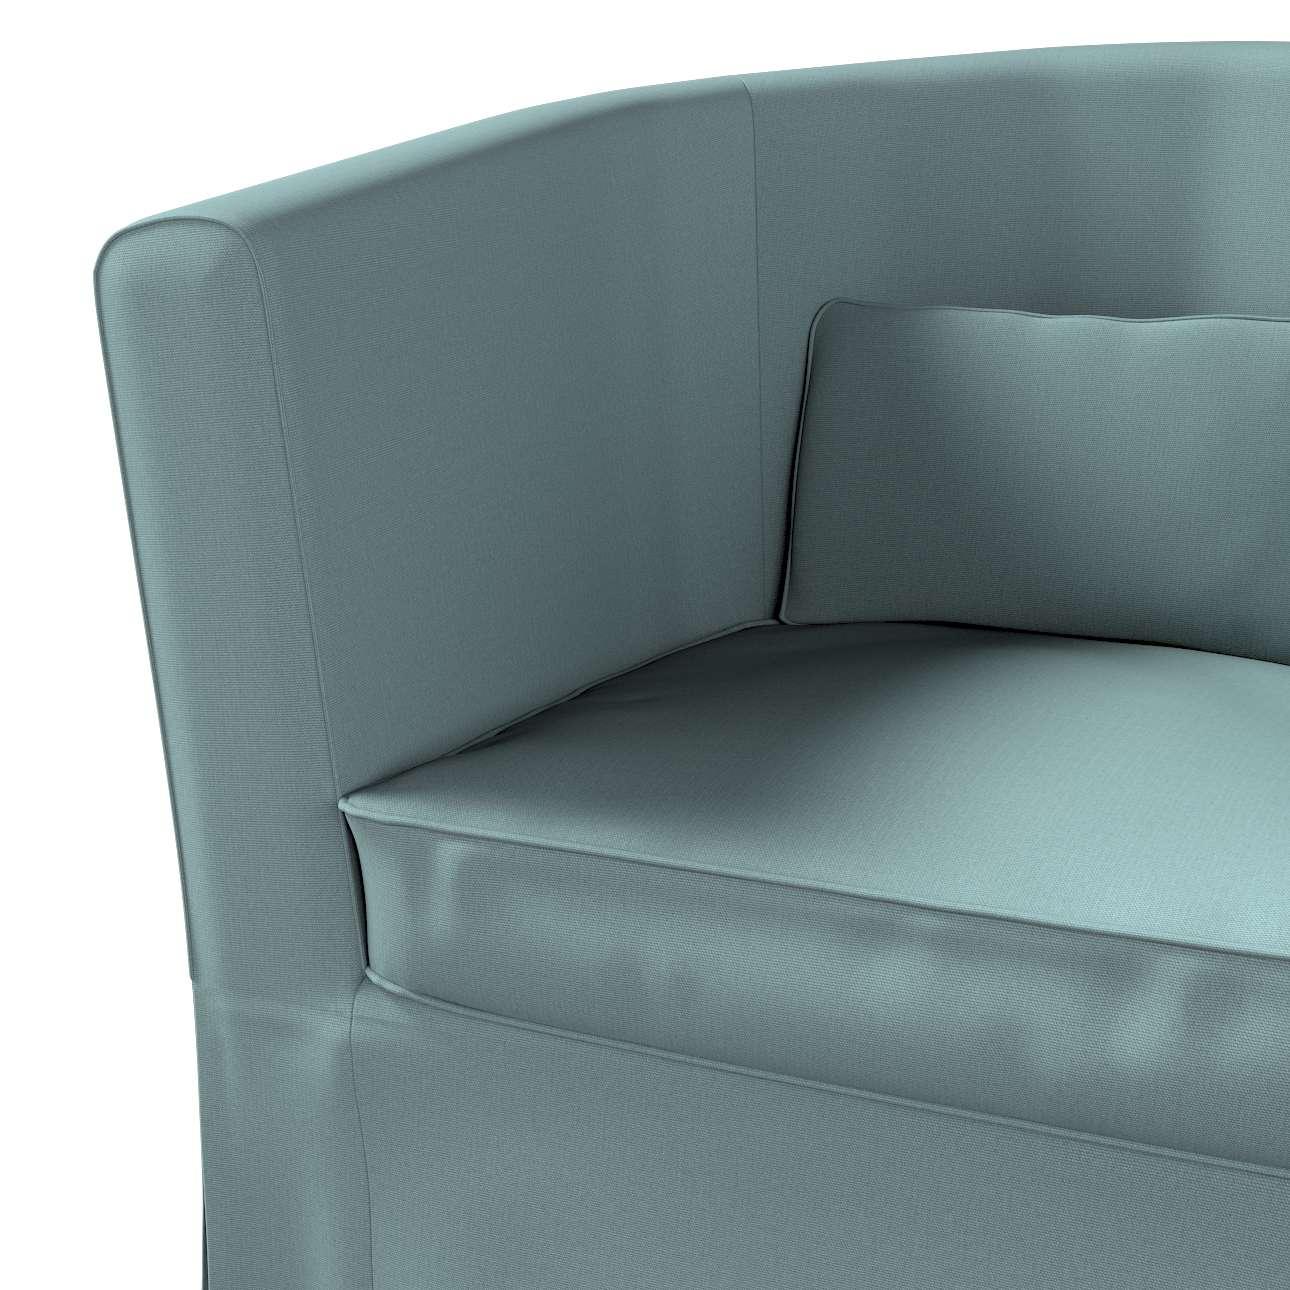 Pokrowiec na fotel Ektorp Tullsta w kolekcji Cotton Panama, tkanina: 702-40